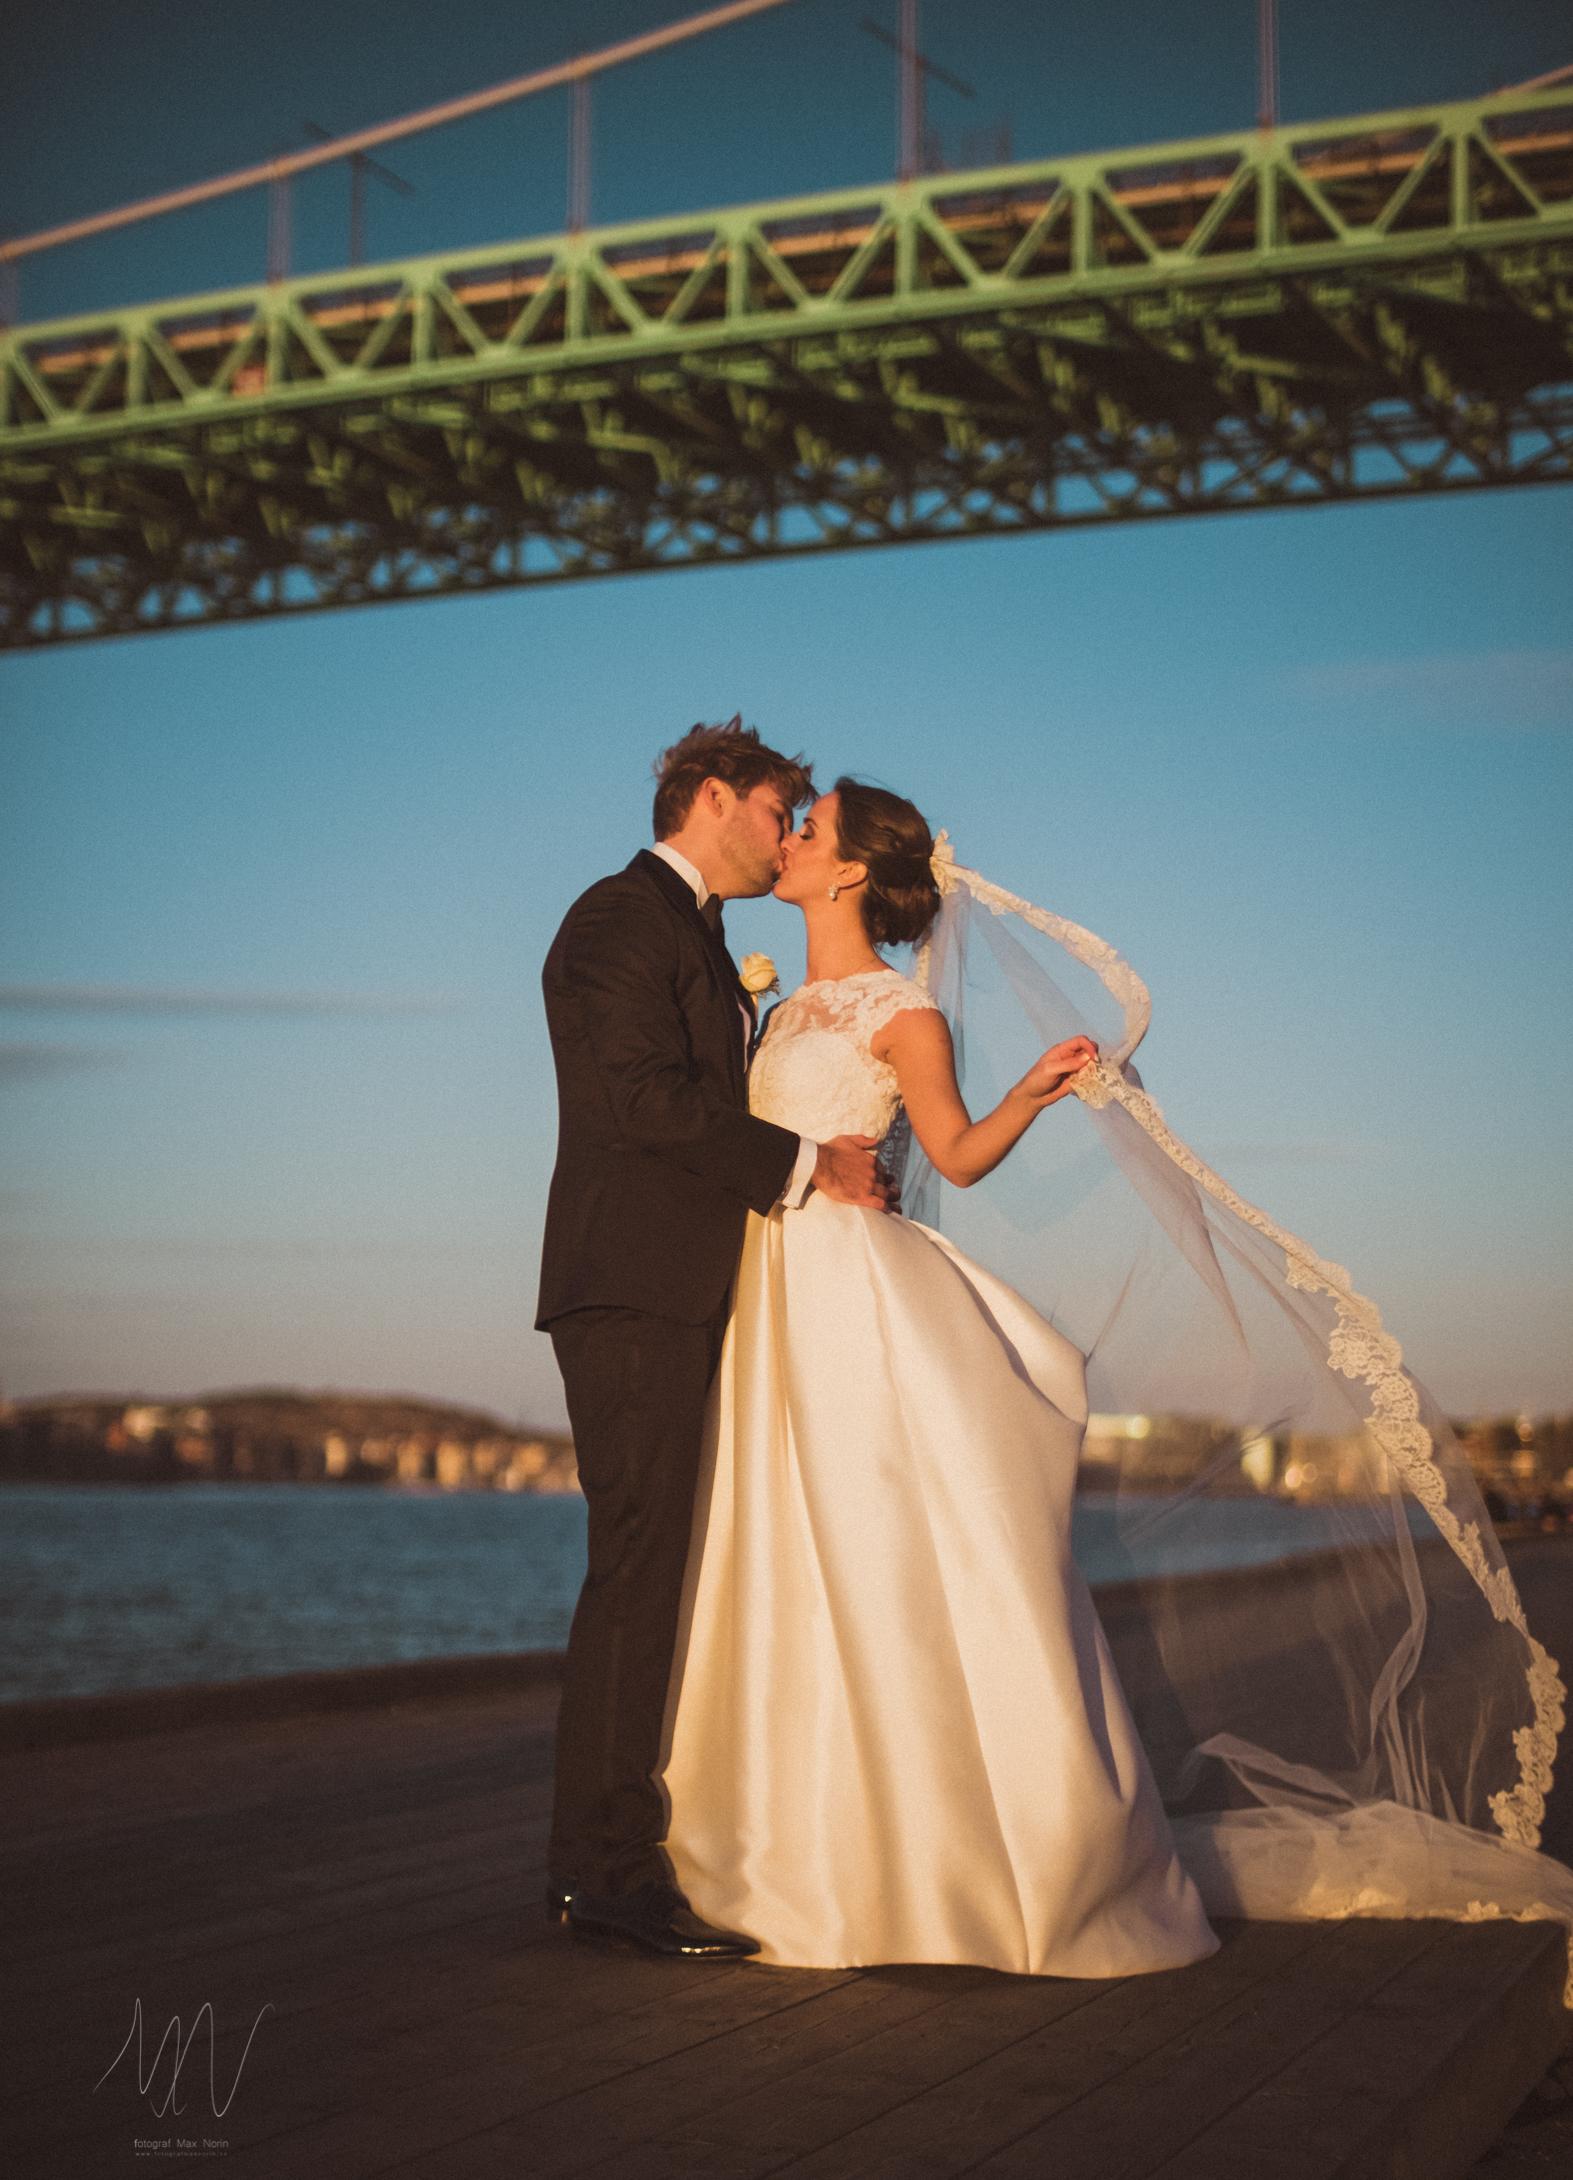 bröllopsfoto-fotograf-max-norin-248.jpg